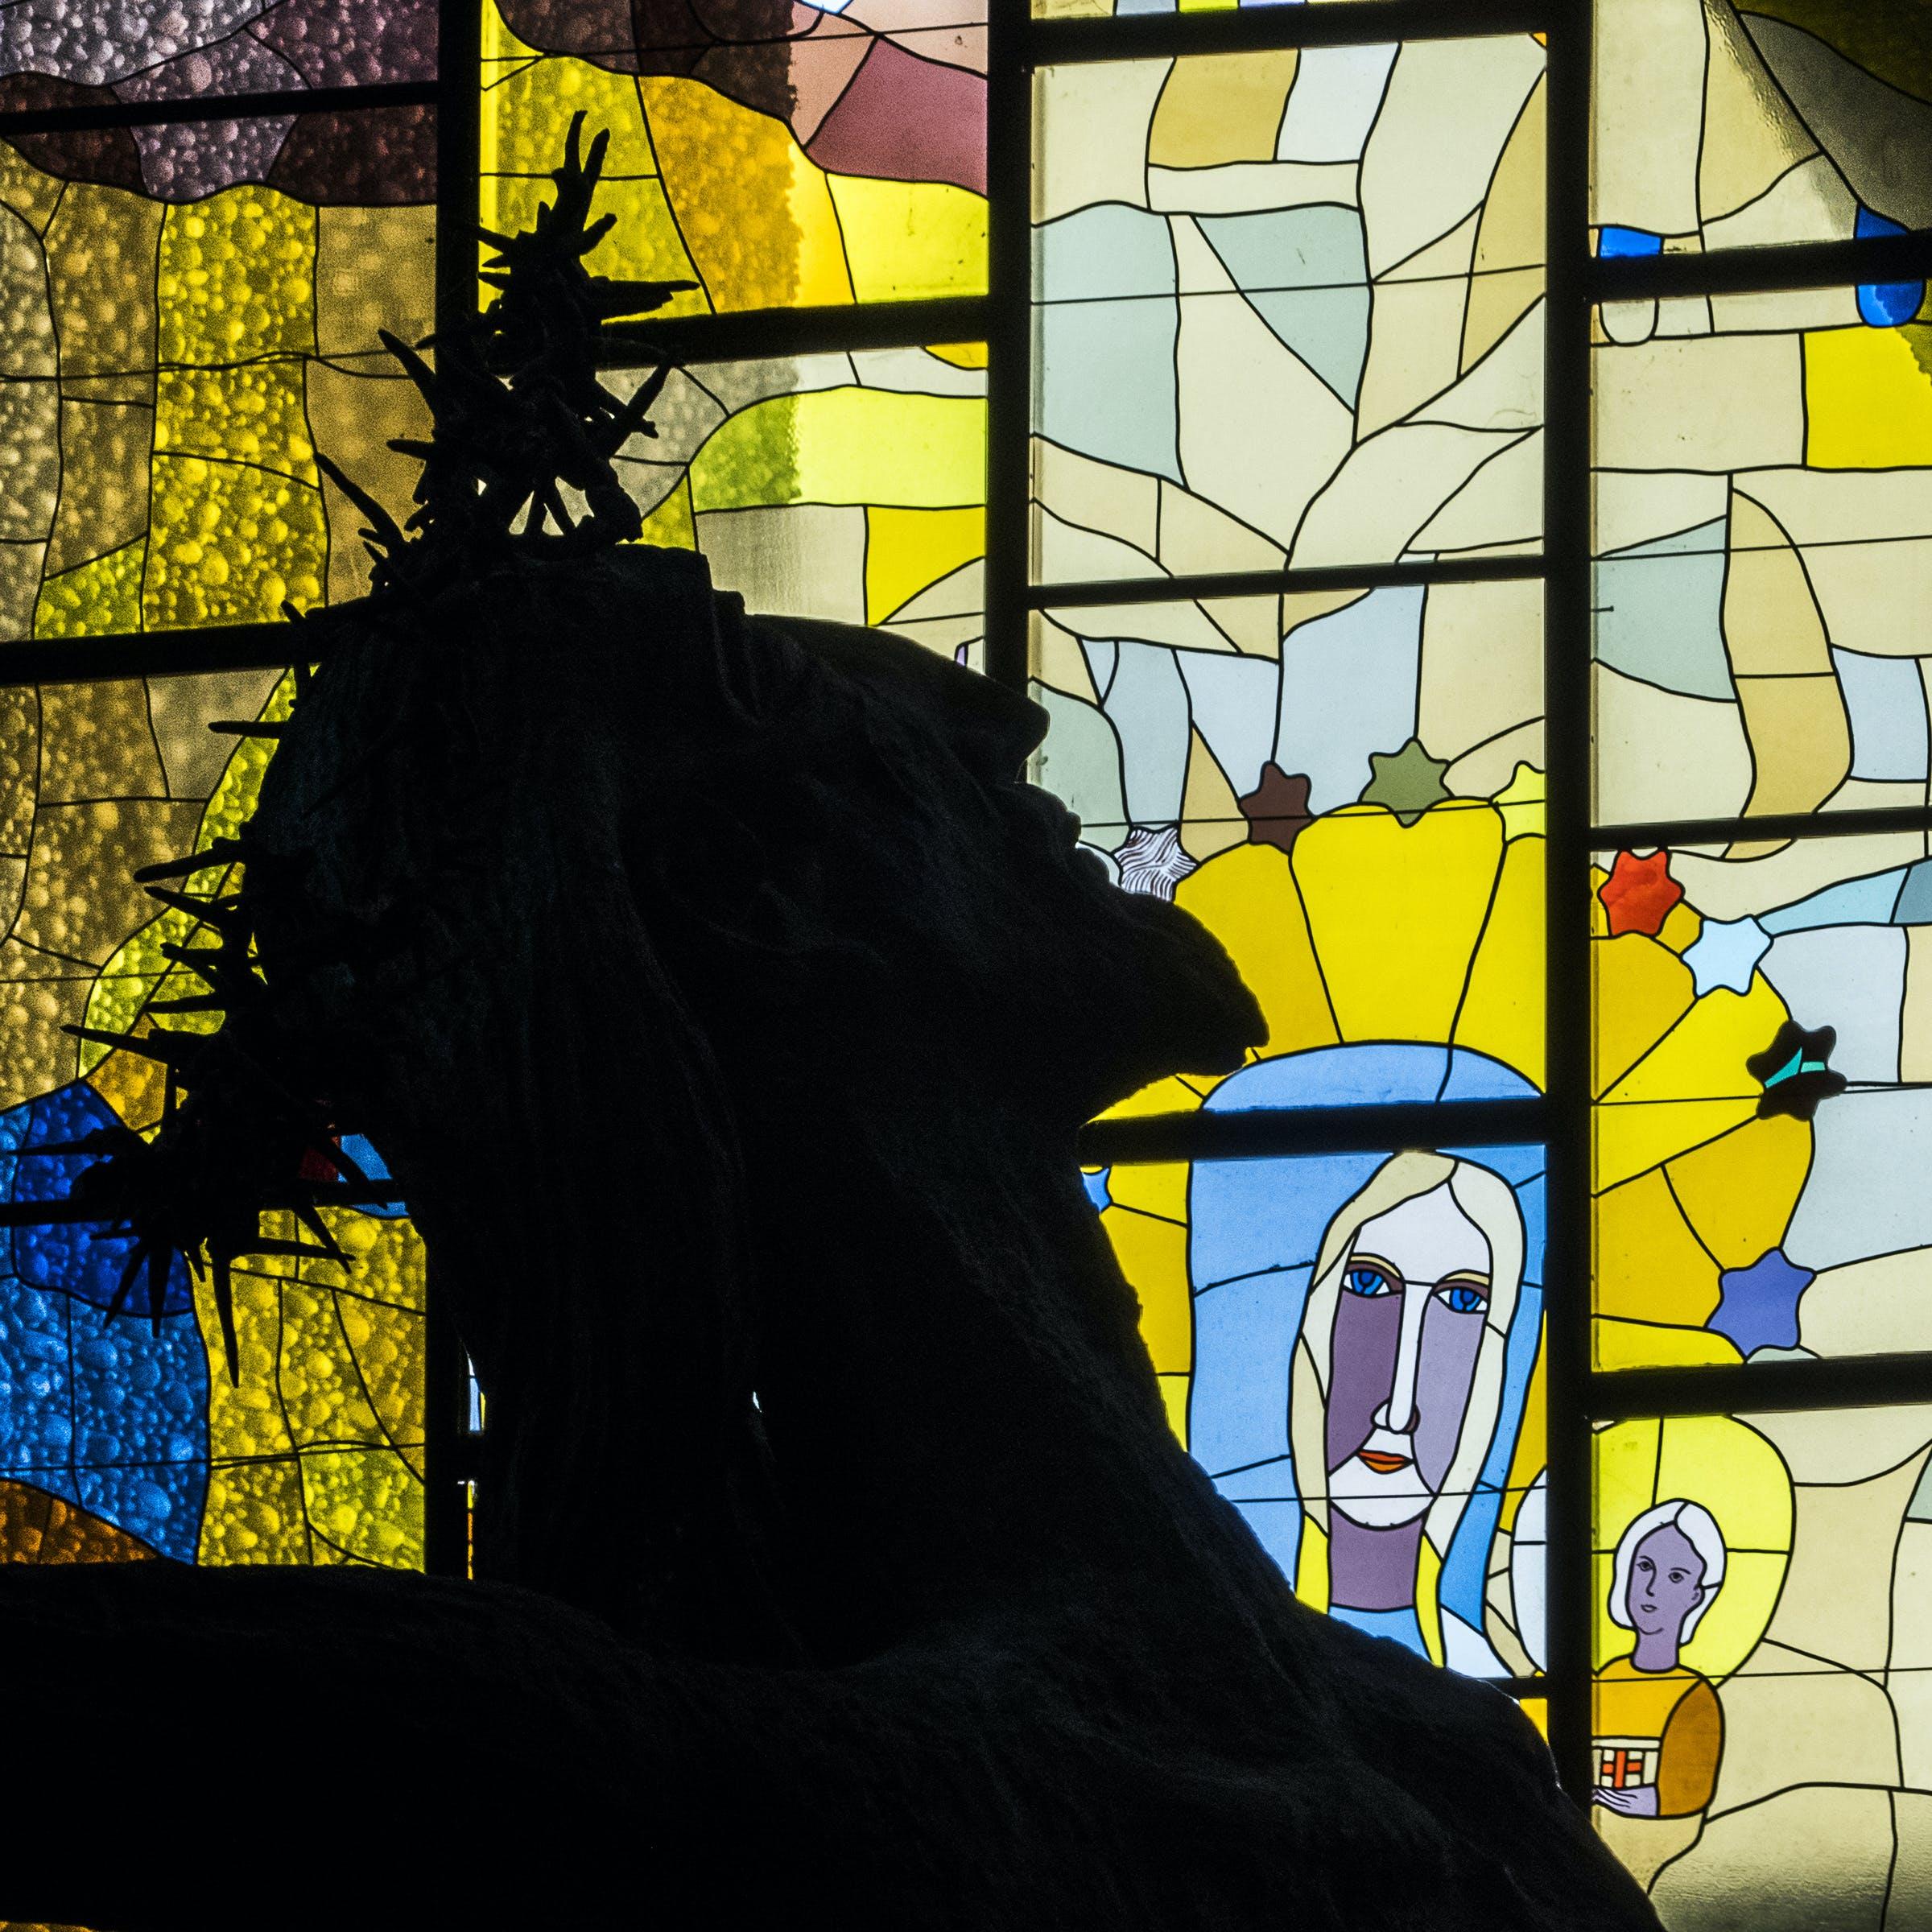 Δωρεάν στοκ φωτογραφιών με βιτρό, εκκλησία, πρόσωπα, Χριστός